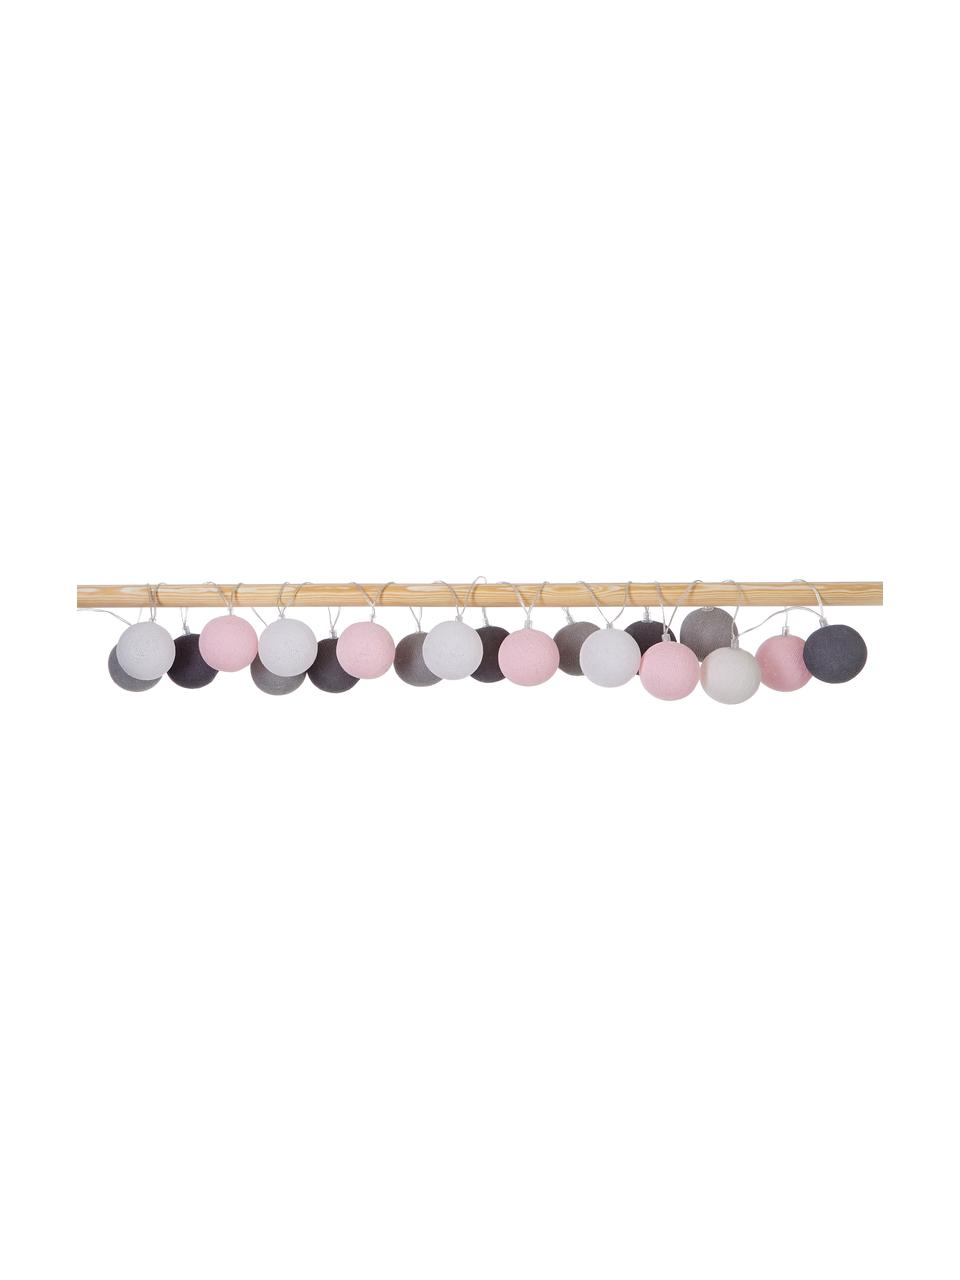 LED-Lichterkette Colorain, 378 cm, 20 Lampions, Weiß, Rosa, Grautöne, L 378 cm